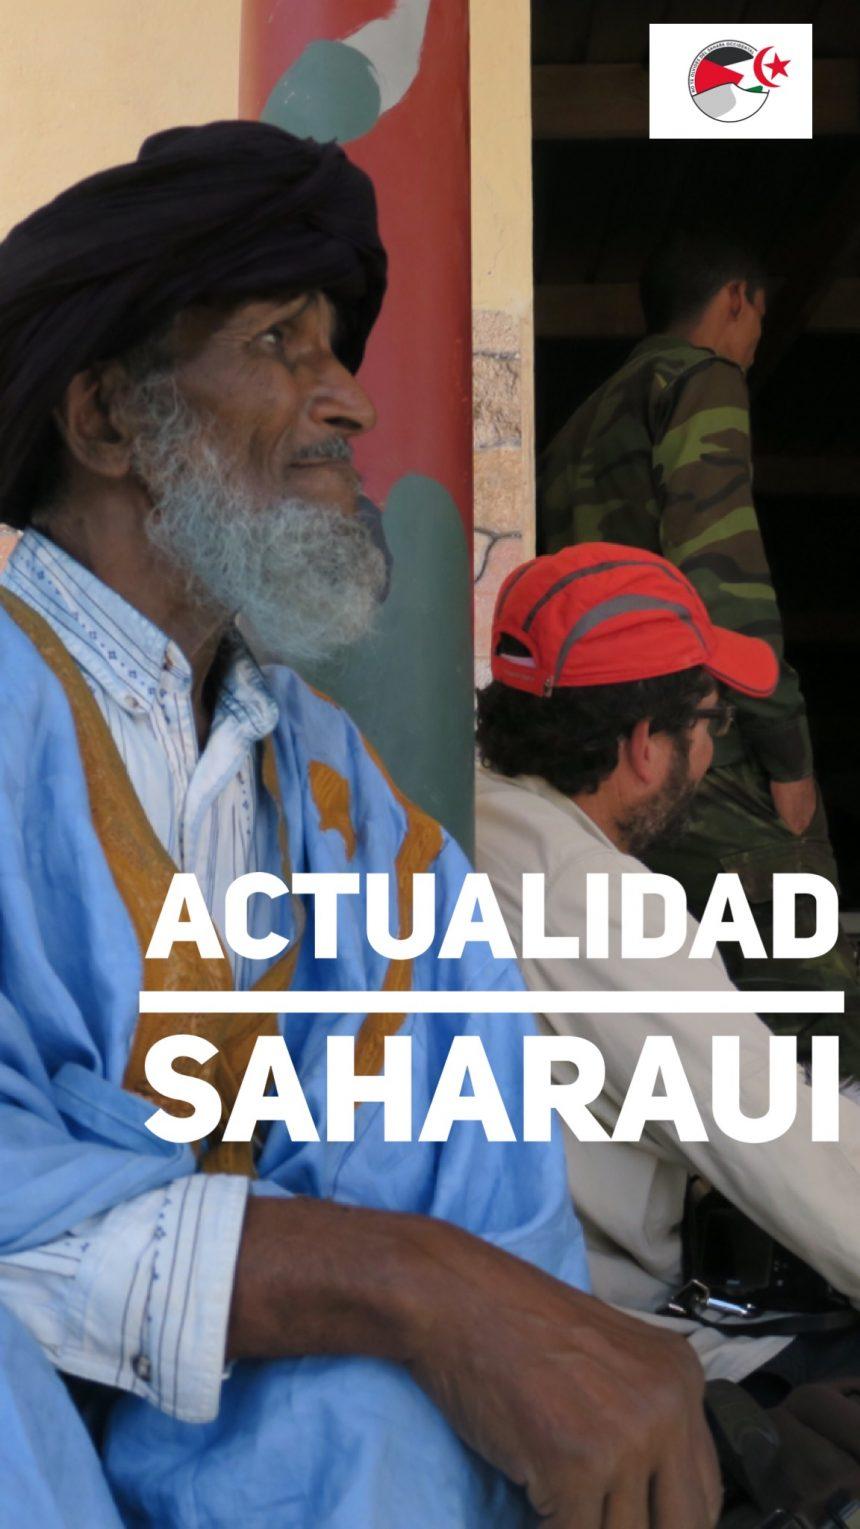 ⚡️ 🇪🇭 Las noticias saharauis del 18 de diciembre de 2018: La #ActualidadSaharaui de HOY 🇪🇭🇪🇭